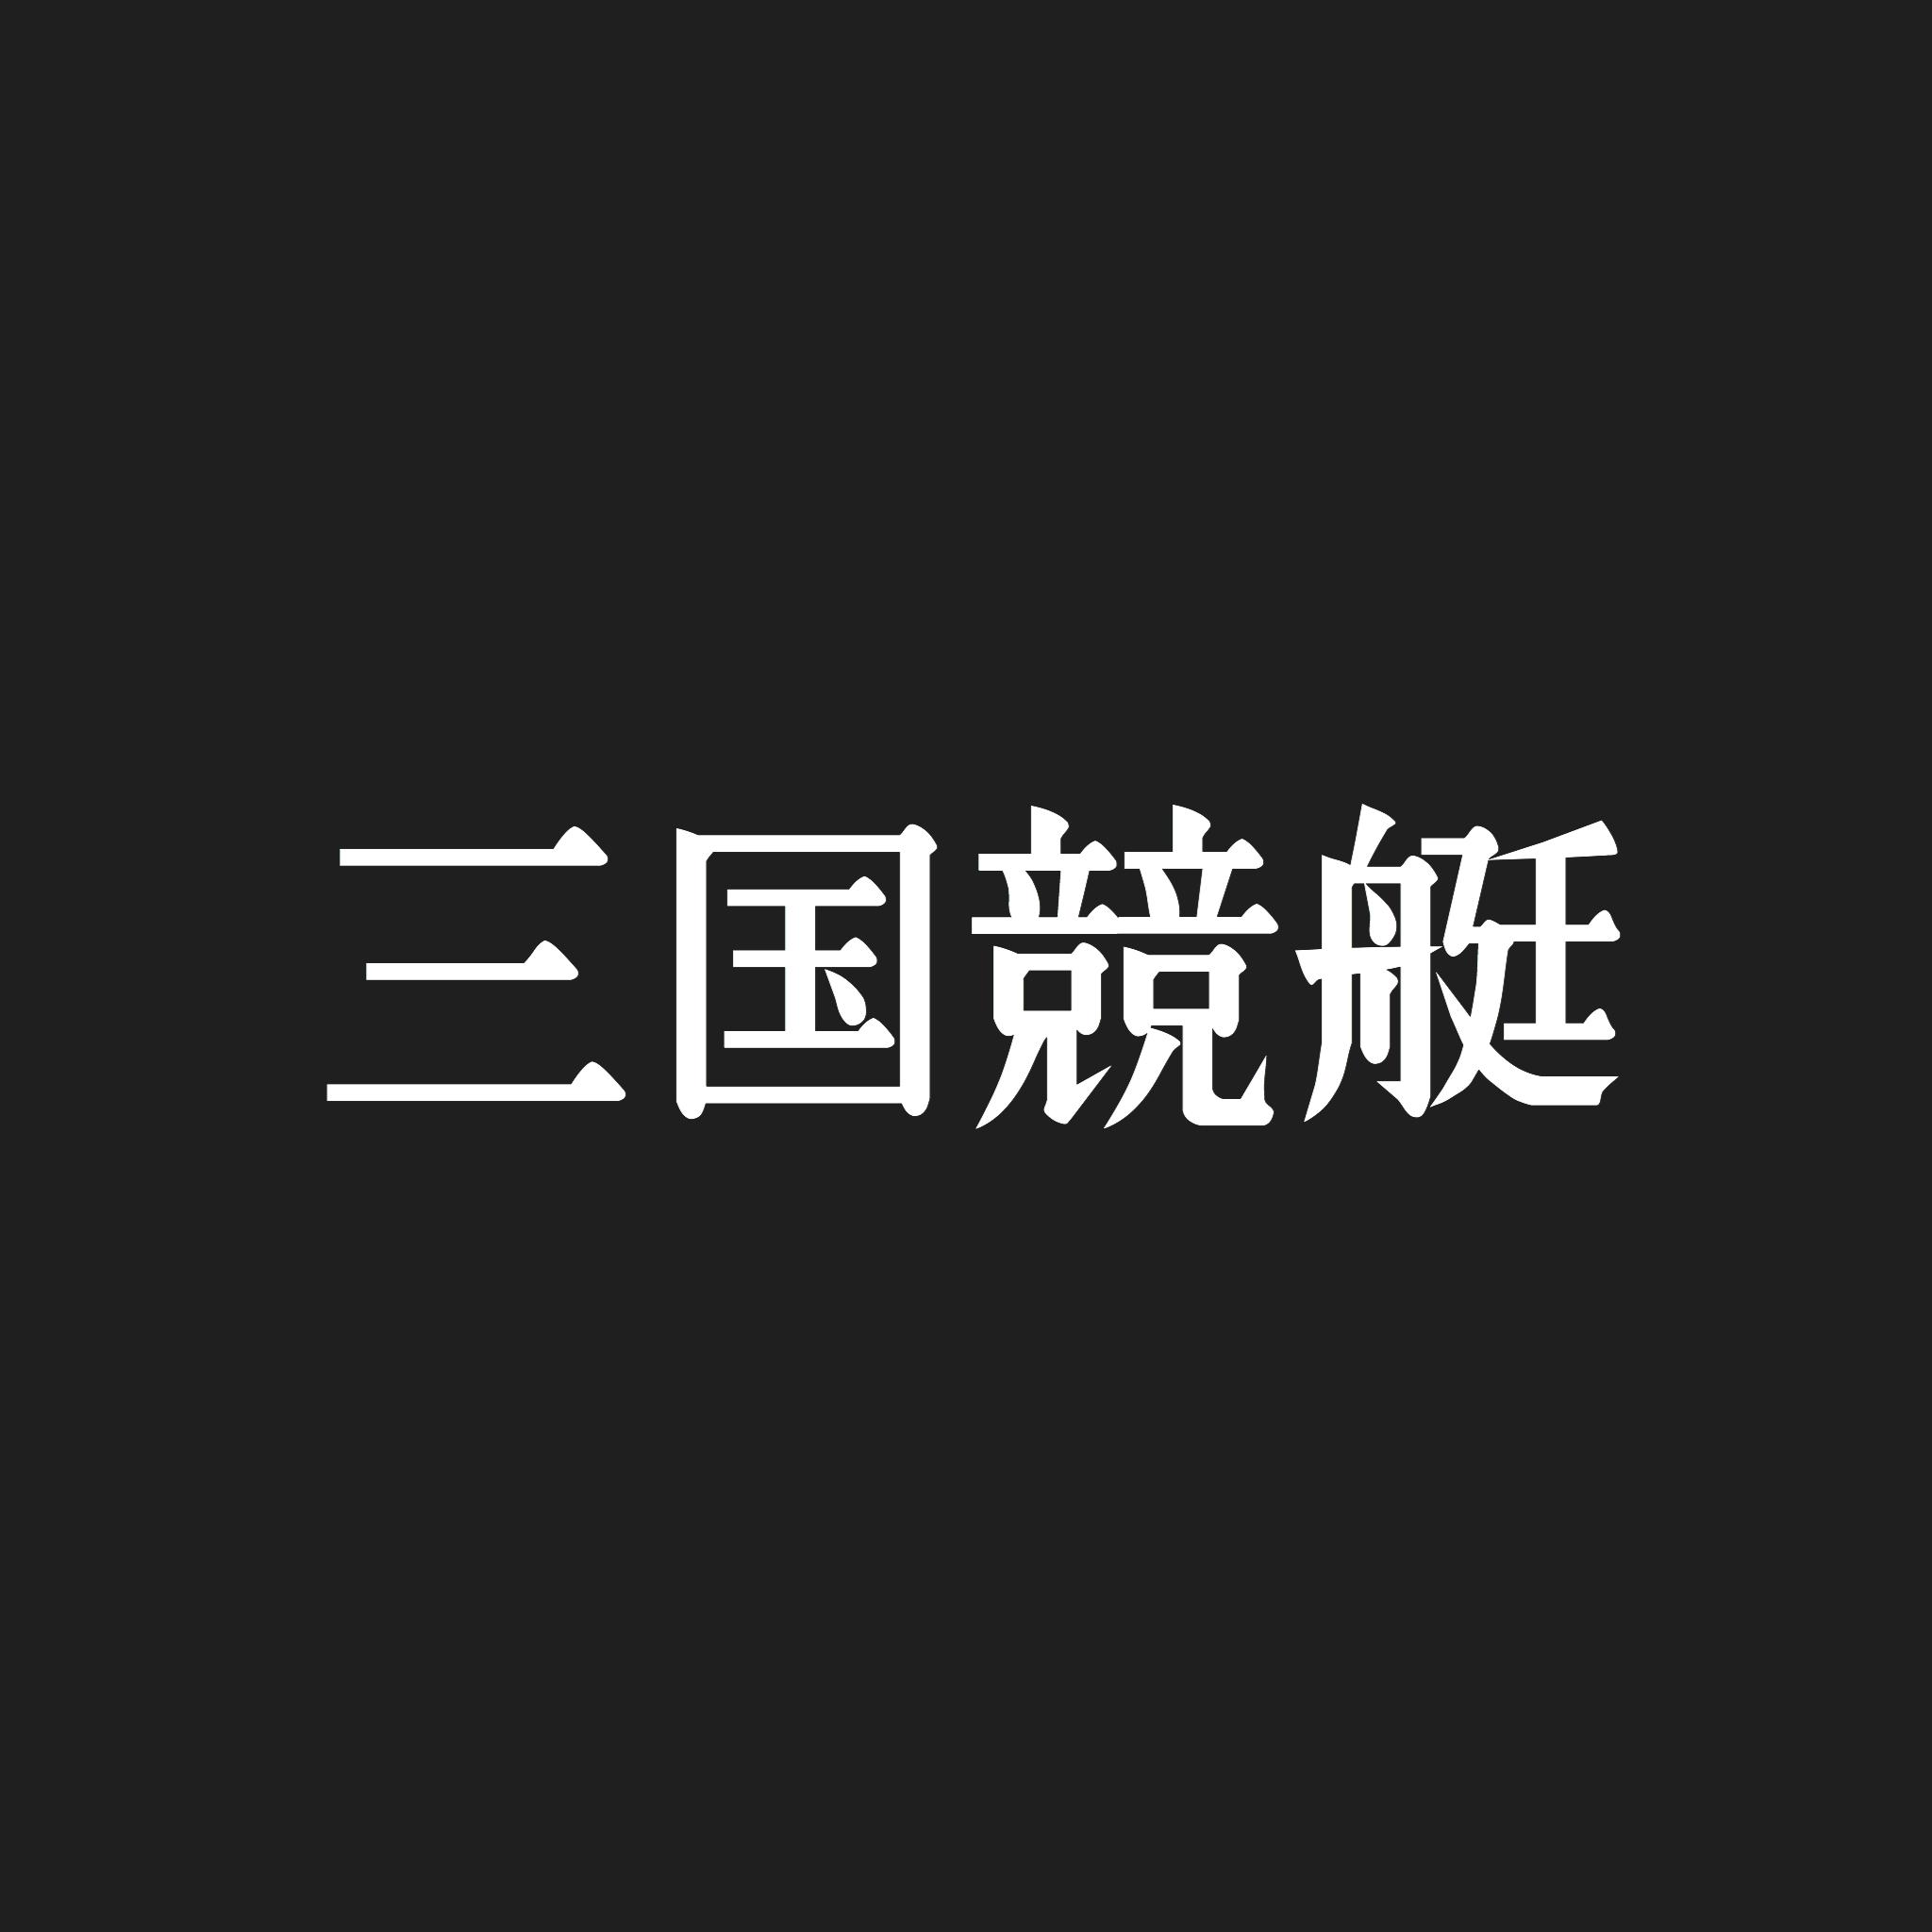 【#10 ボートレース三国】三国競艇の水面特徴